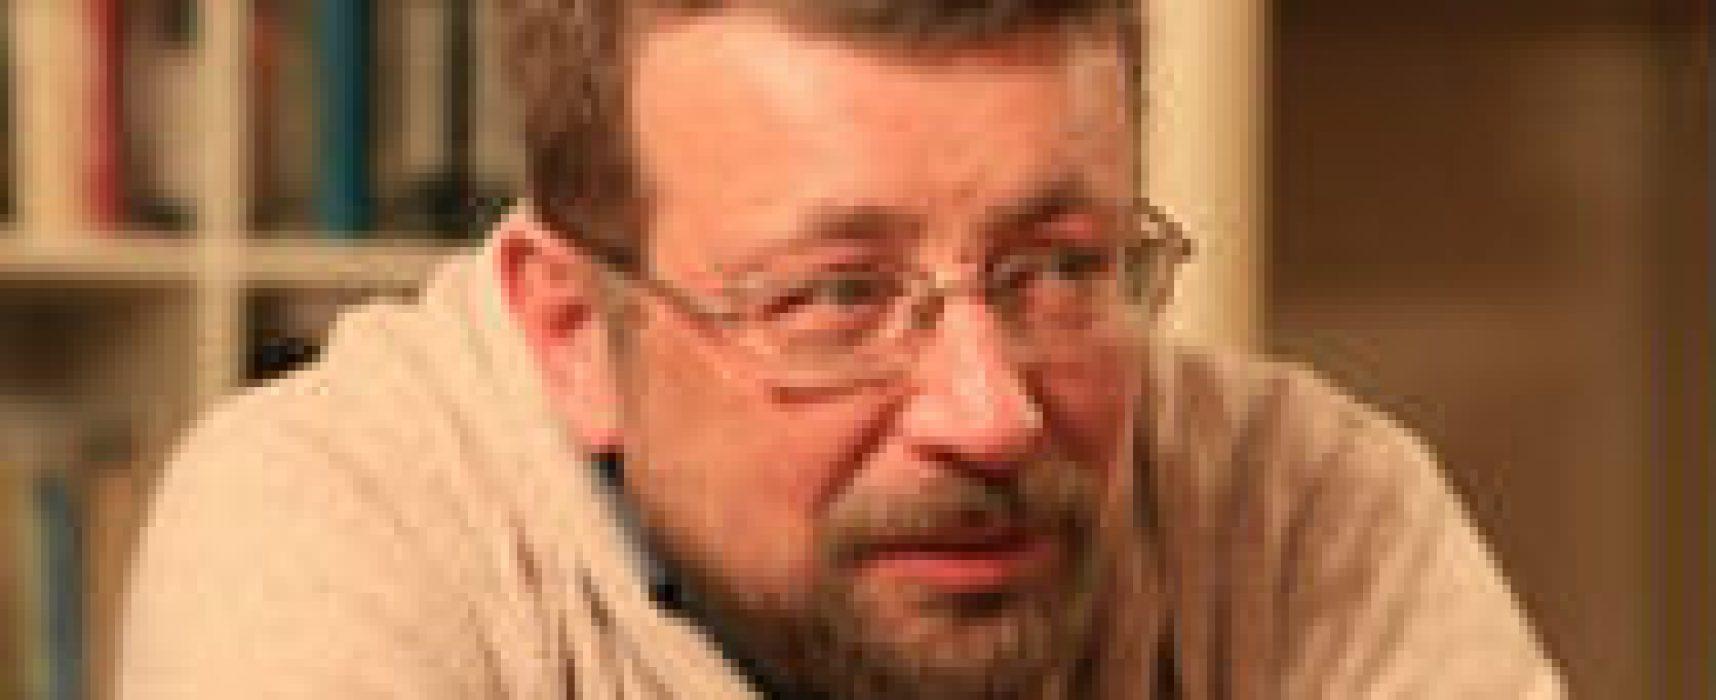 Илья Мильштейн: У гробовой доски